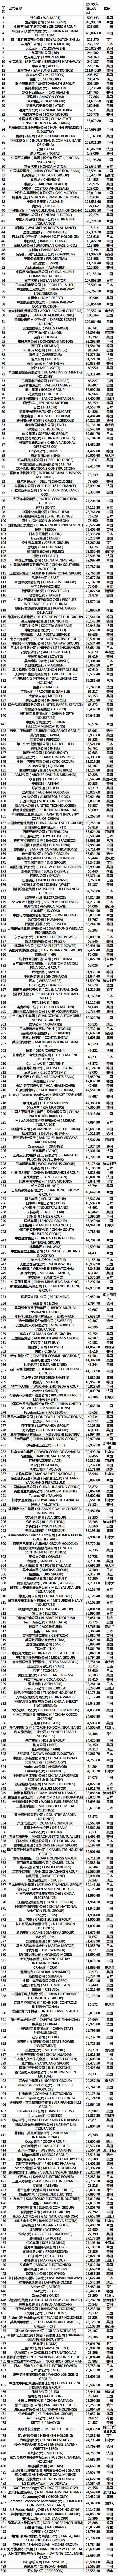 《财富》世界500强公布 中国公司数量直逼美国